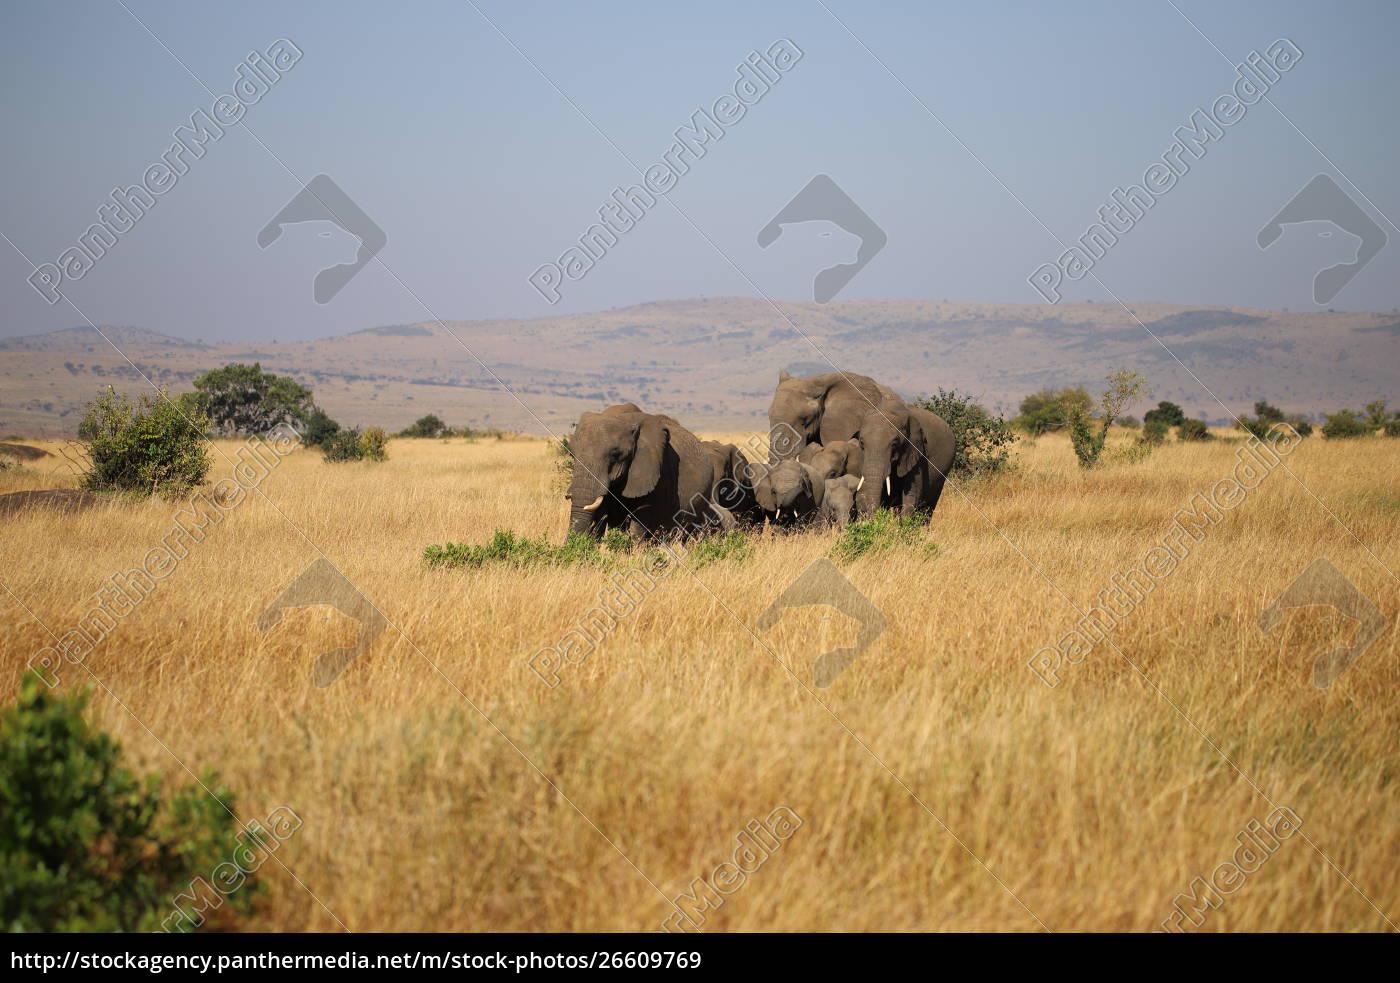 gruppo, di, elefanti, africani, nel, masai - 26609769